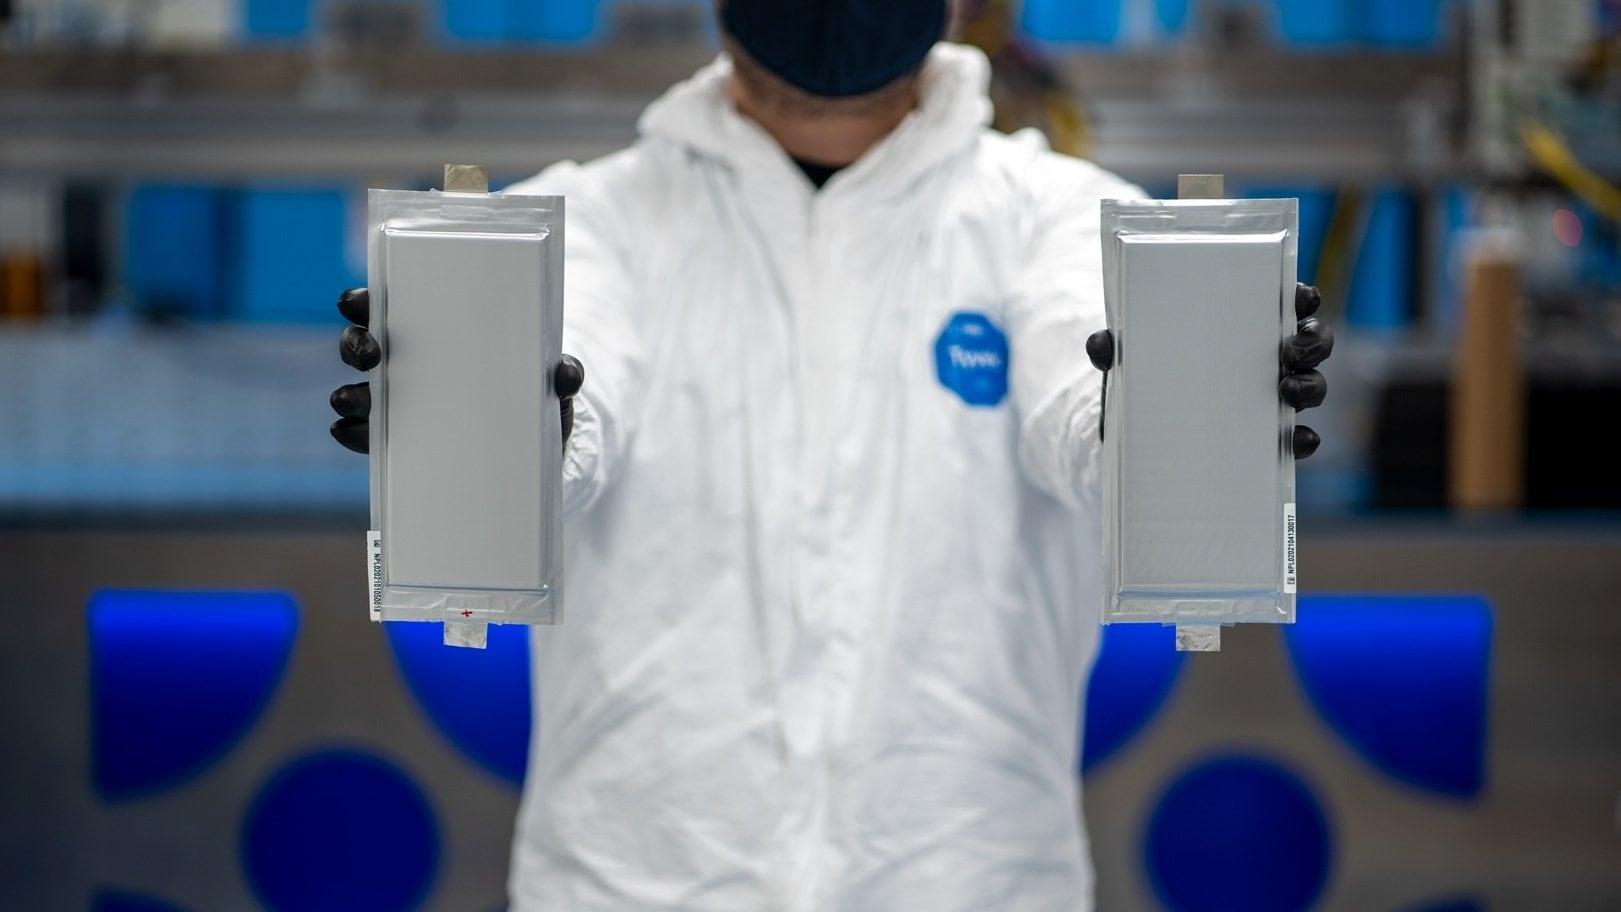 Les batteries à semi-conducteurs peuvent être optimisées pour offrir une plus grande densité d'énergie (résultant en une gamme plus élevée) ou pour être plus abordables (avec moins de batteries incluses).  Image: Ford